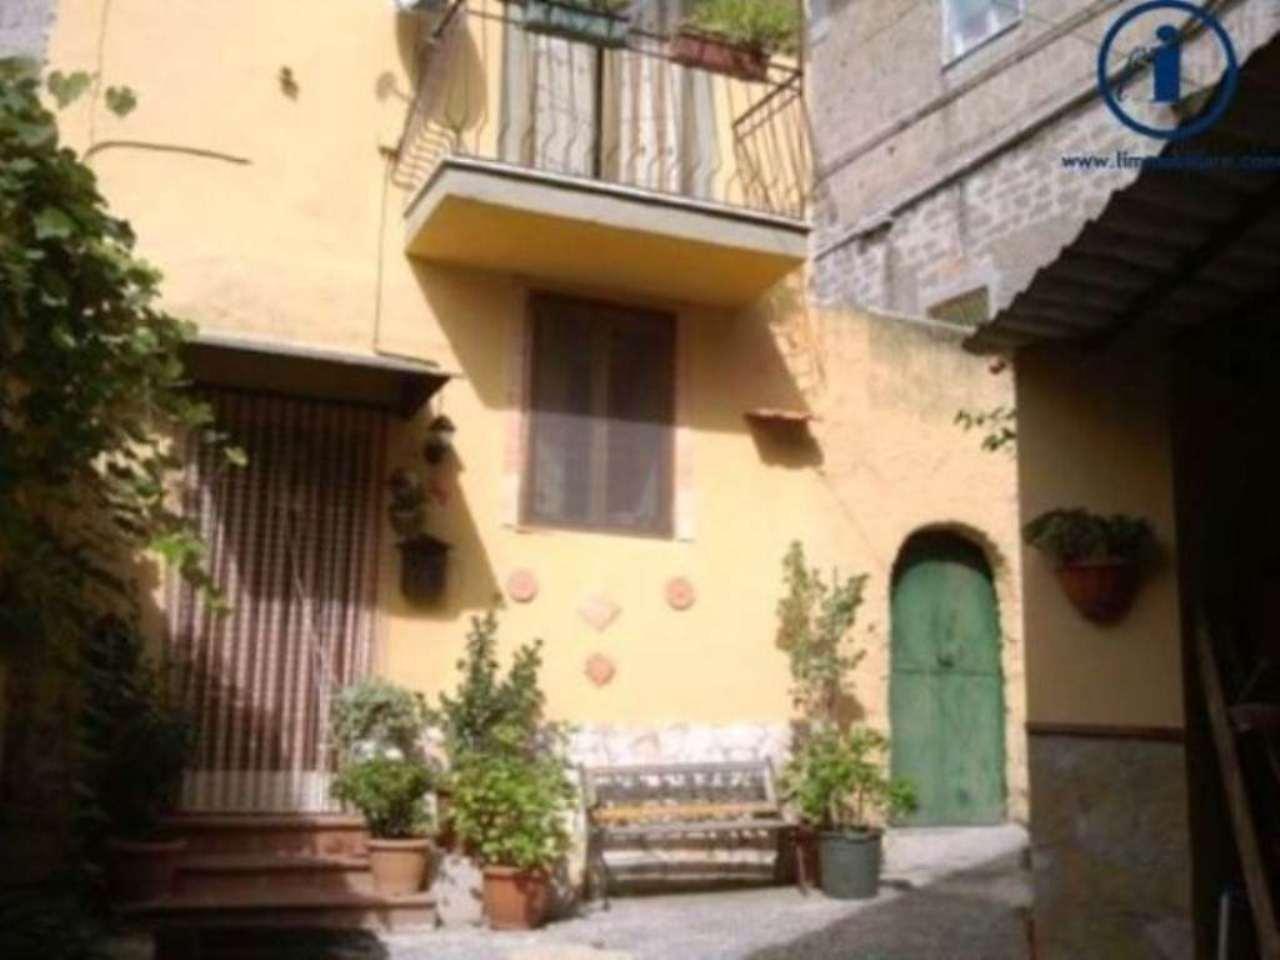 Bilocale Castel Morrone Via Torone 4